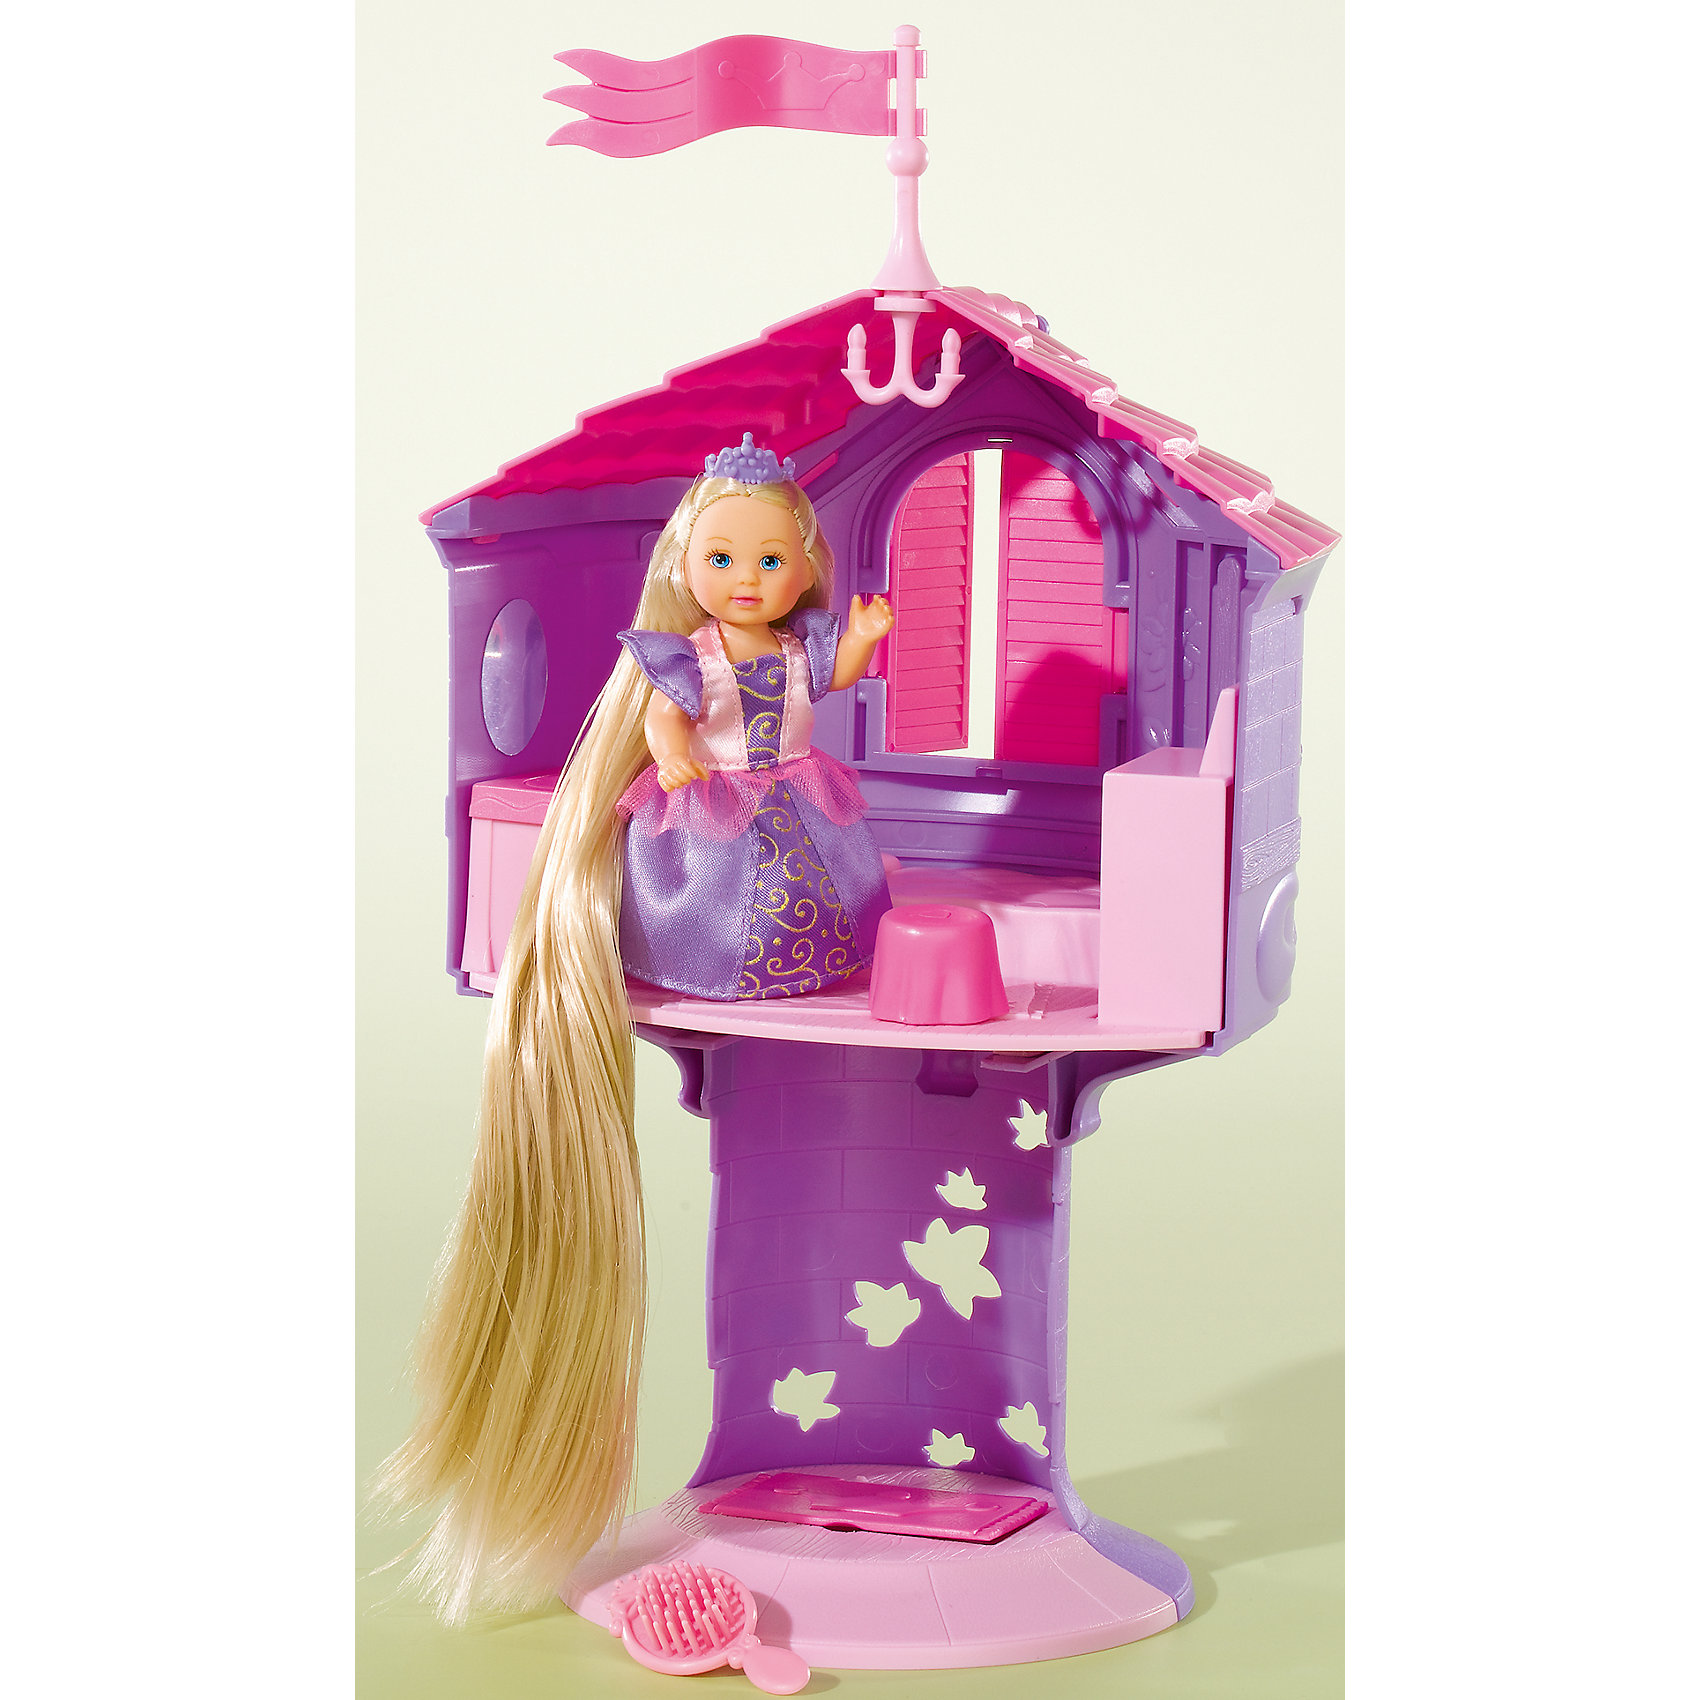 Кукла с длинными волосами в сказочной башне ЕвиДевочки обожают принцесс и сказки. Кукла Еви с длинными, как у Рапунцель, волосами, приведет в восторг любую девочку! В дополнение к ней в набор включен волшебный замок.<br>Этот набор обязательно порадует ребенка! Он станет отличным подарком и поможет девочке развивать свою фантазию и мелкую моторику. Кукла и башня сделаны из качественных и безопасных для ребенка материалов.<br><br>Дополнительная информация:<br><br>цвет: разноцветный;<br>высота башни: 32 см;<br>вес набора: 850 г;<br>комплектация: кукла, башня;<br>материал: пластик.<br><br>Куклу с длинными волосами в сказочной башне Еви можно купить в нашем магазине.<br><br>Ширина мм: 150<br>Глубина мм: 330<br>Высота мм: 220<br>Вес г: 500<br>Возраст от месяцев: 36<br>Возраст до месяцев: 120<br>Пол: Женский<br>Возраст: Детский<br>SKU: 4915045